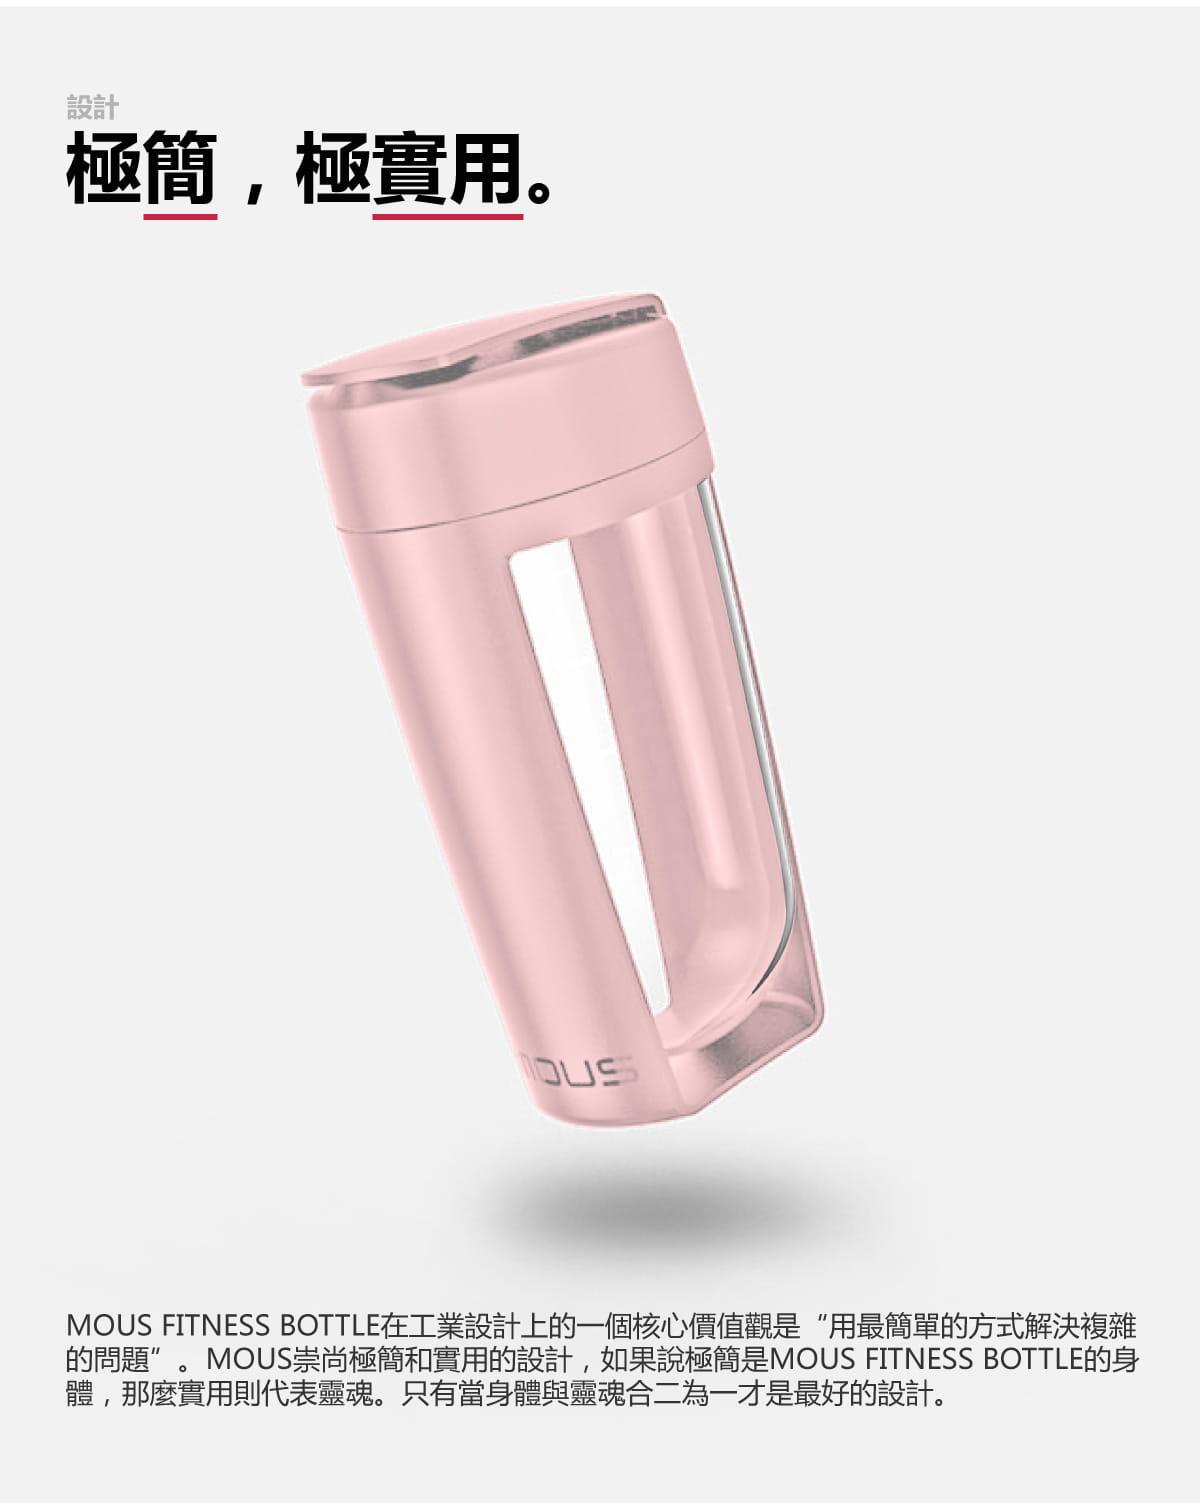 澳洲 MOUS Fitness 運動健身搖搖杯-腮紅粉 13